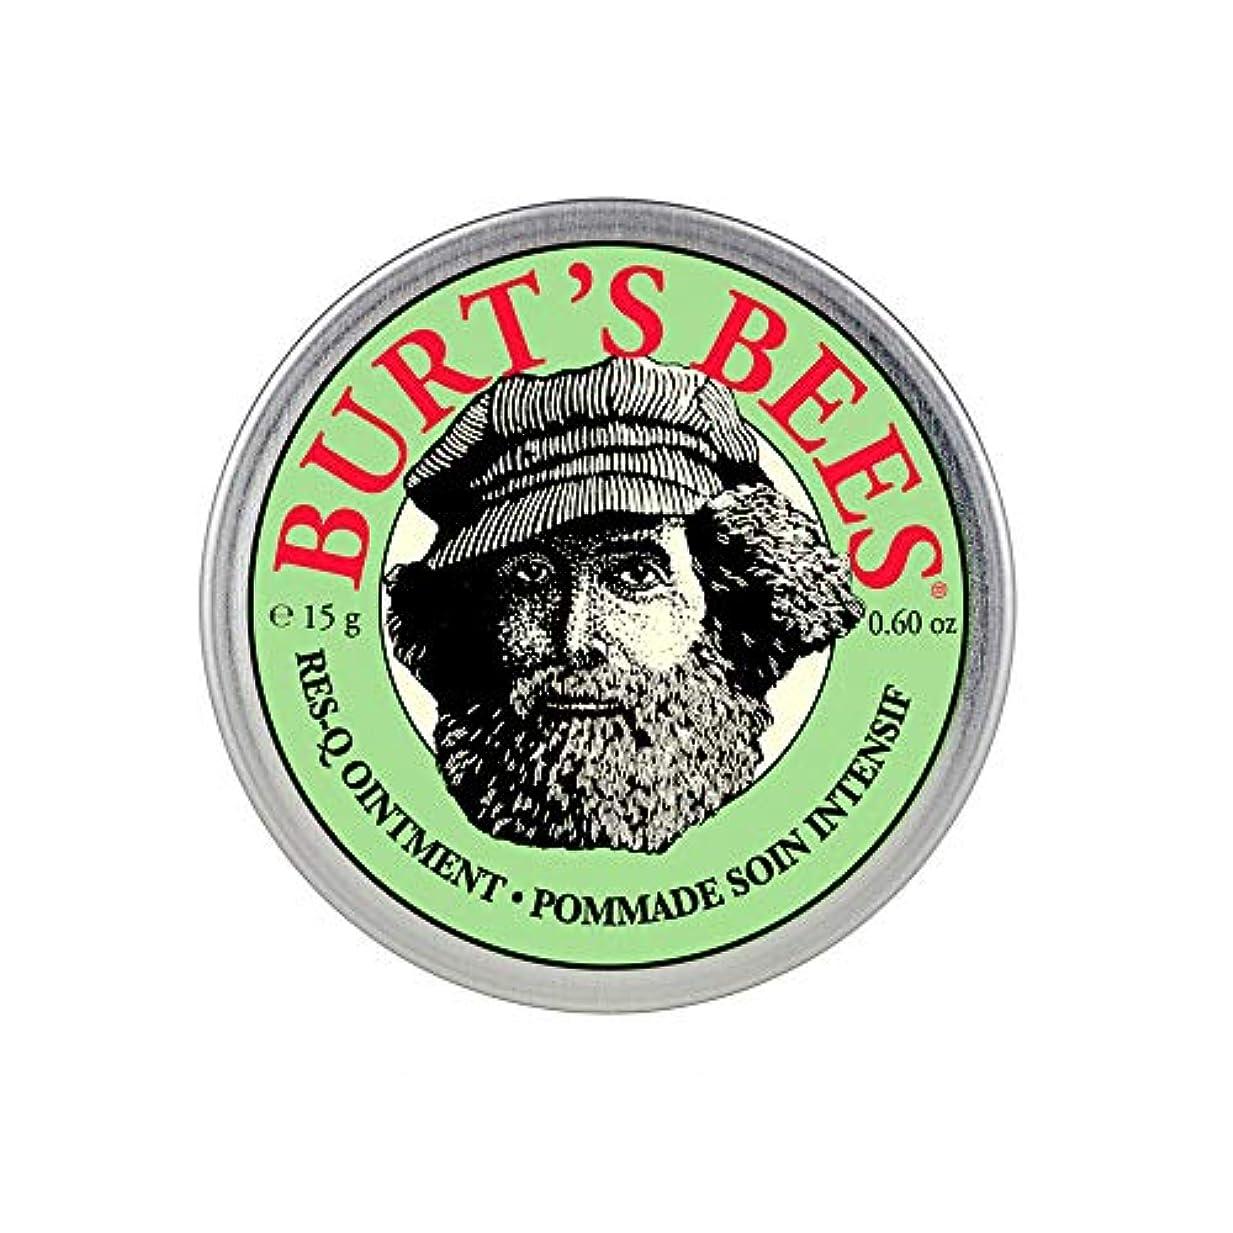 分岐する確認する意志に反するバーツビーズ(Burt's Bees) レスキュー オイントメント 15g [100%ナチュラル、軟膏] [海外直送][並行輸入品]